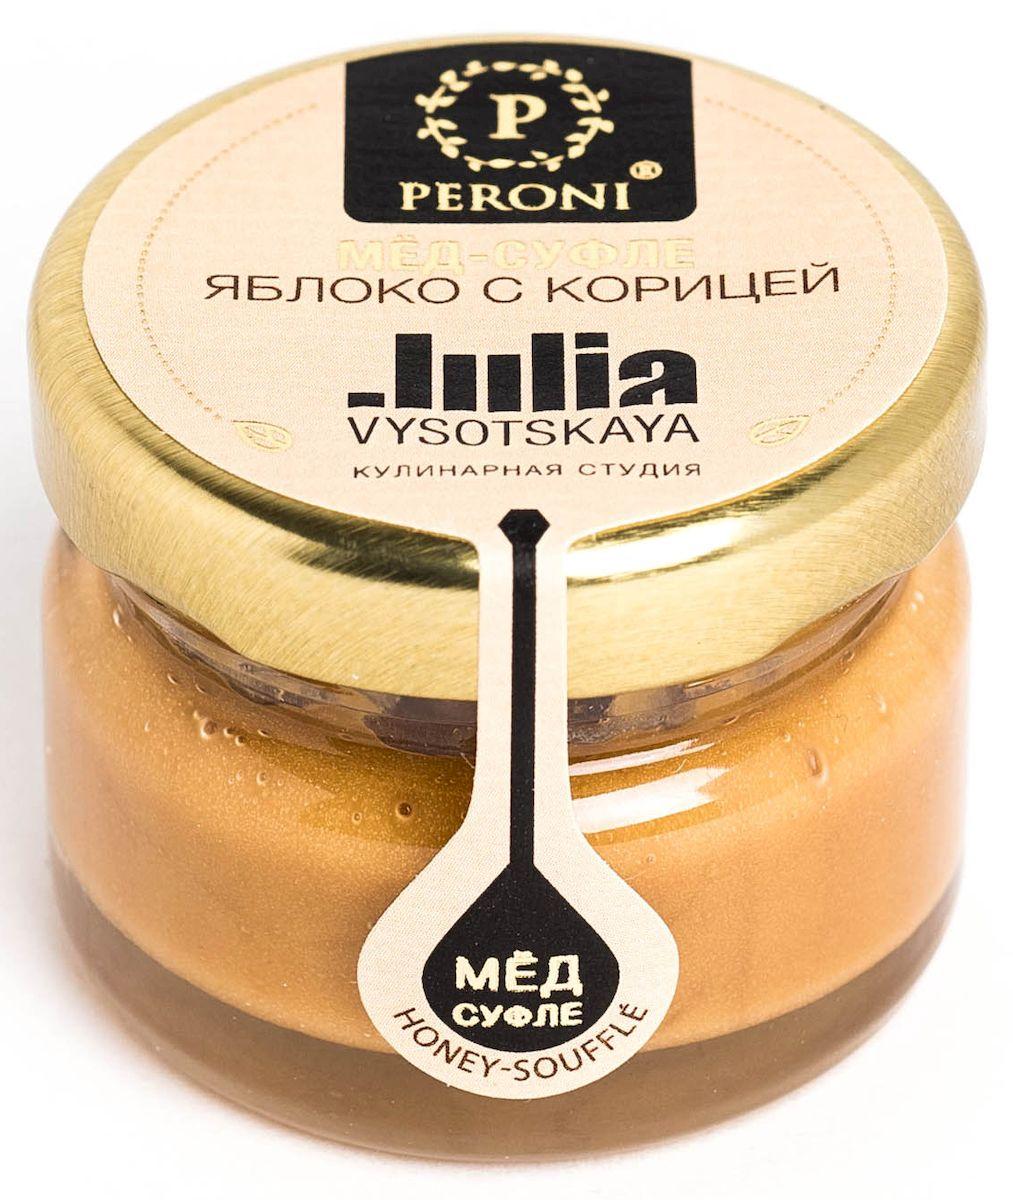 Peroni Яблоко с корицей мед-суфле, 30 г211105Теплое чарующее сочетание меда, яблока и корицы наполнит ощущением уюта и нежности. Отлично подойдет для завтрака - с гранолой или йогуртом, а также прекрасное дополнение к домашним вафлям и любой выпечке.Для получения меда-суфле используются специальные технологии. Мед долго вымешивается при определенной скорости, после чего его выдерживают при температуре 12-14°C, тем самым закрепляя его нужную консистенцию. Все полезные свойства меда при этом сохраняются.